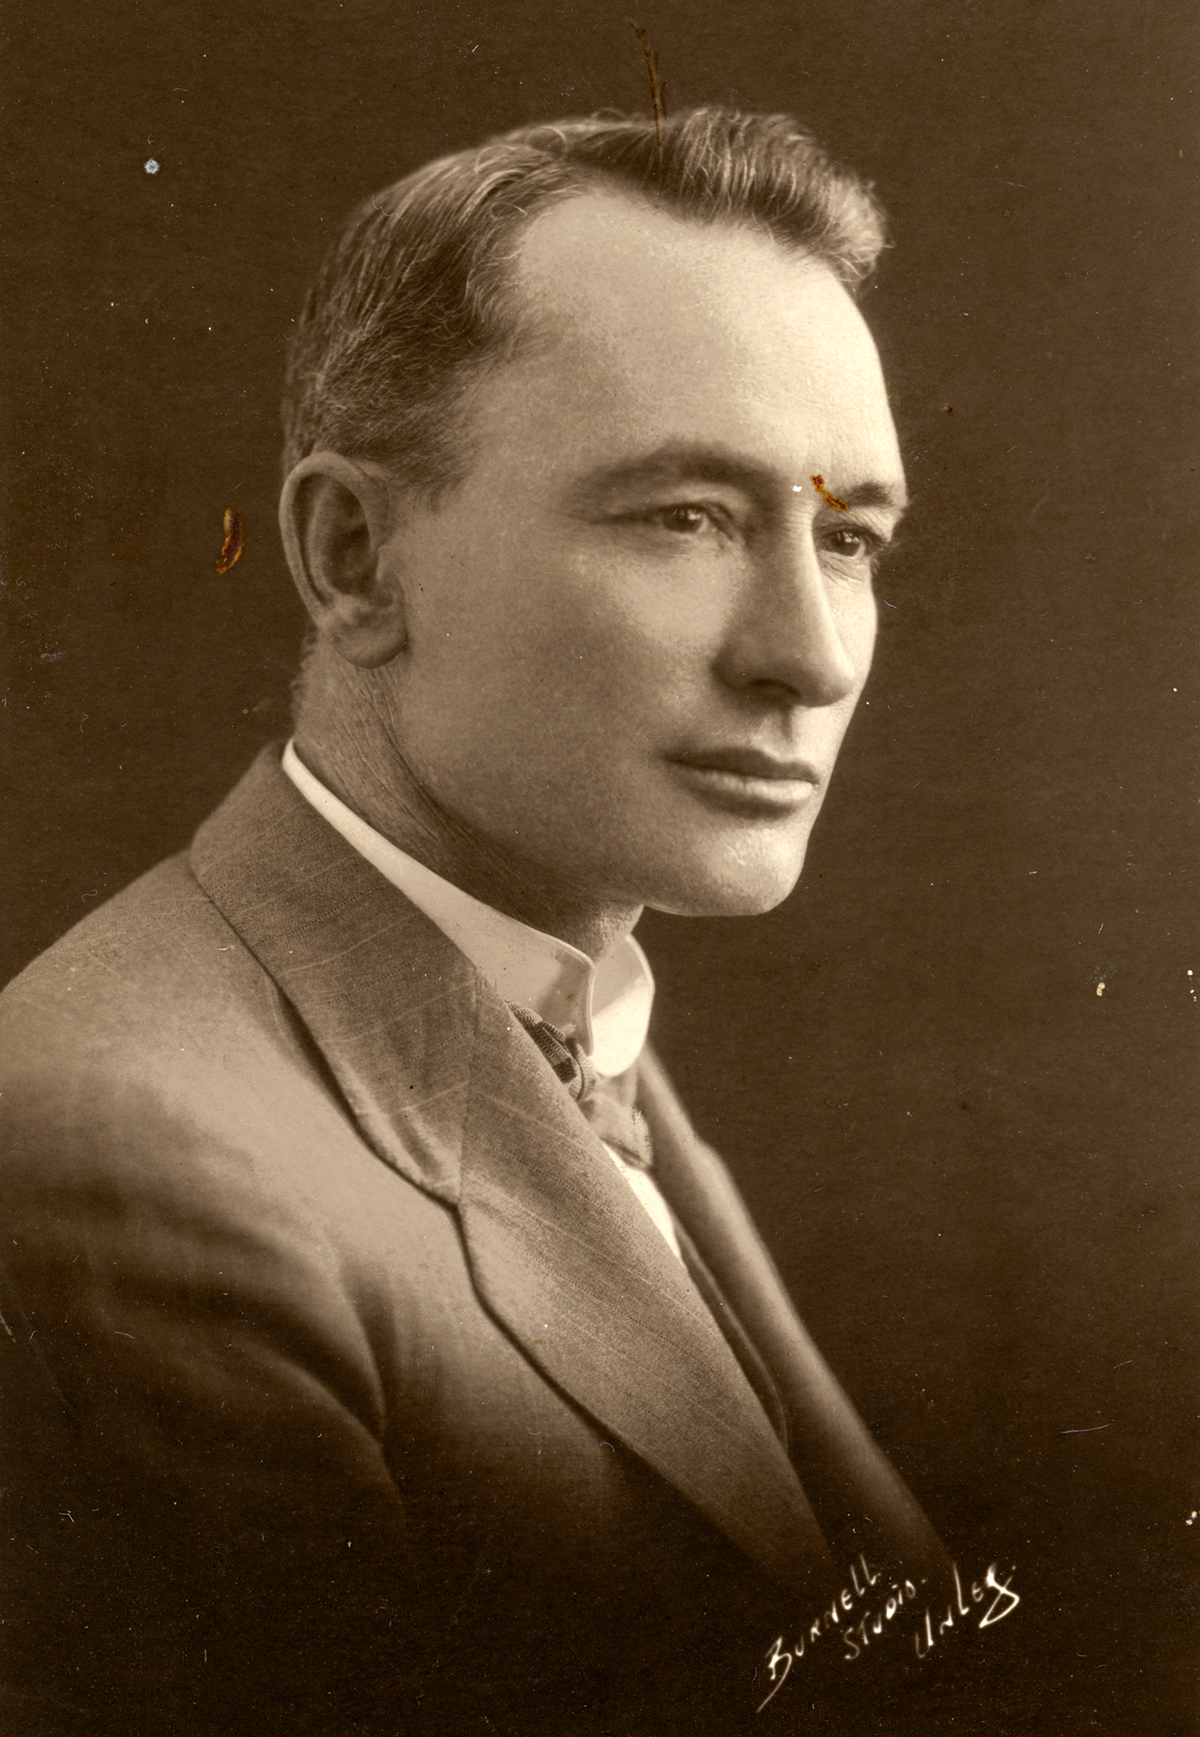 Portrait of Evan Richard Stanley, 1924